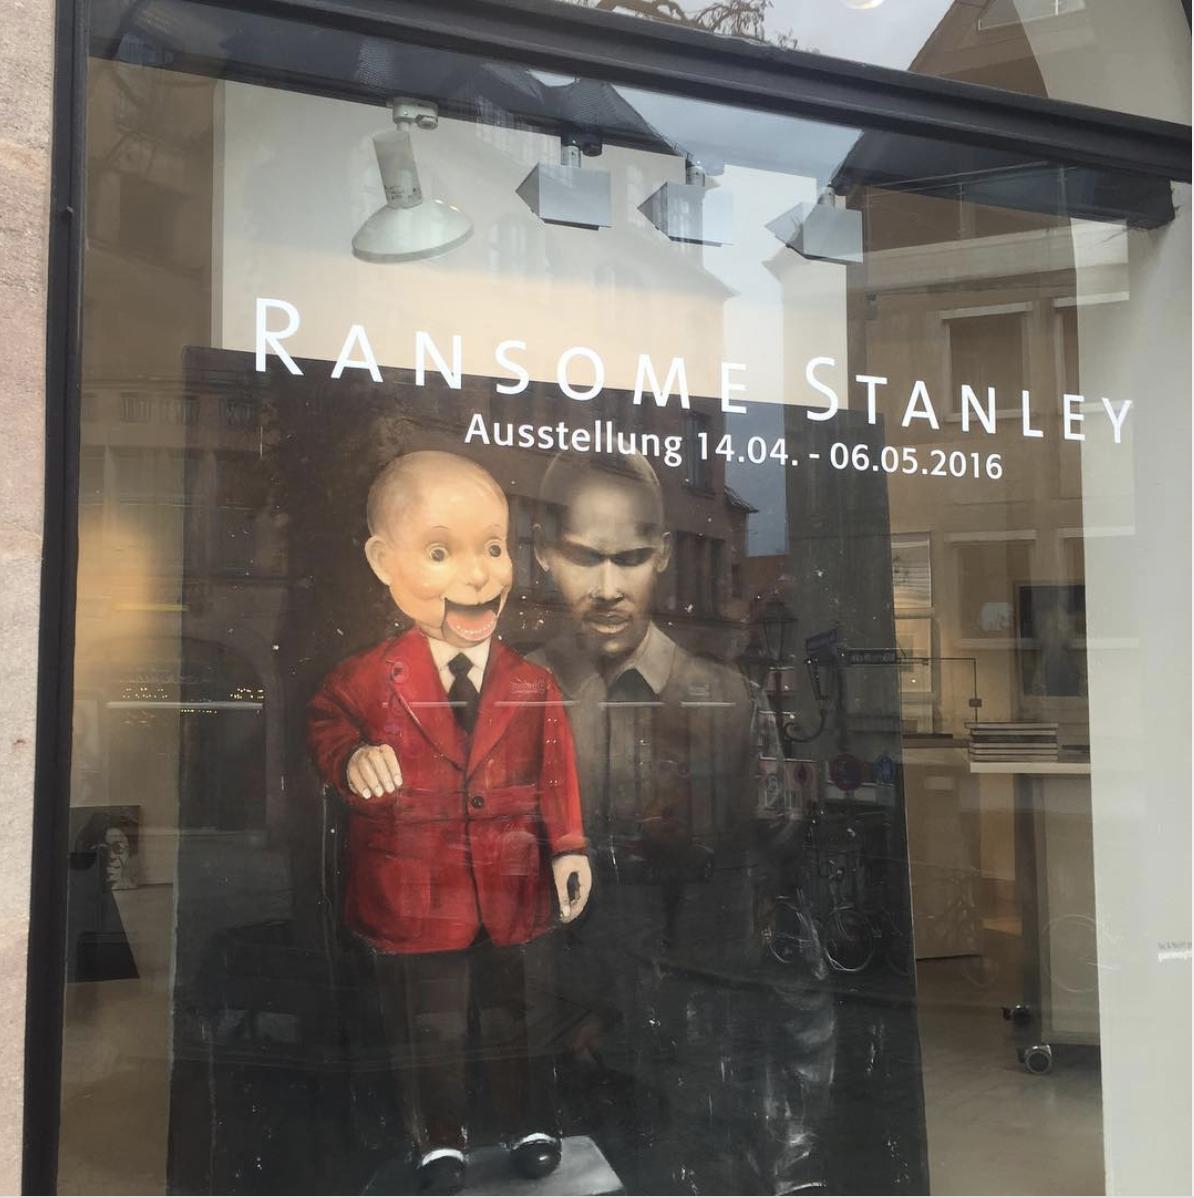 Schaufenster Ausstellung Ransome Stanley ©Galerie Voigt